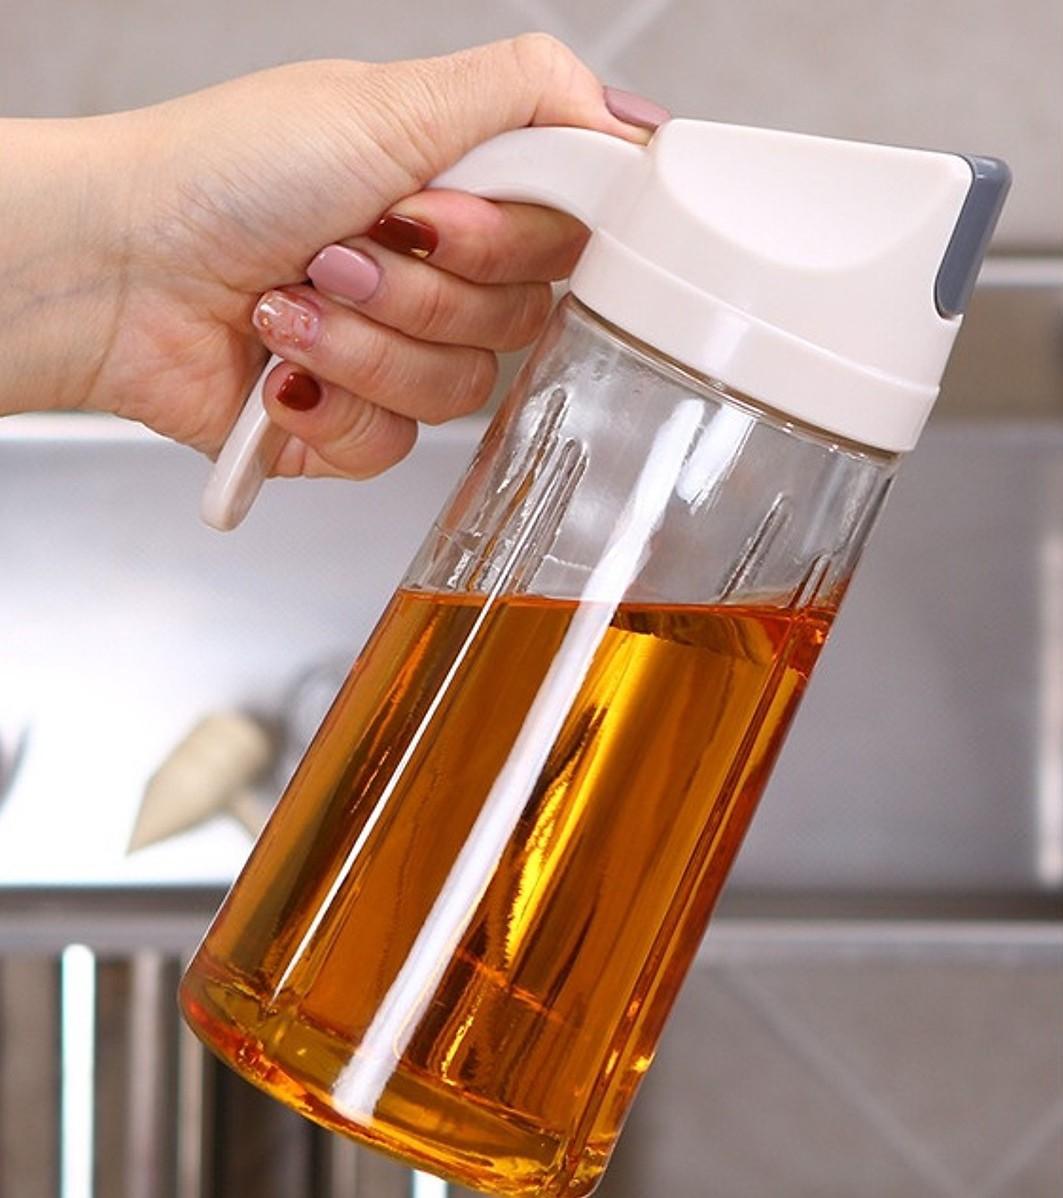 Chị em mau sắm bình đựng dầu ăn đi, chỉ hơn trăm nghìn mà làm căn bếp sang hơn mấy phần - Ảnh 3.